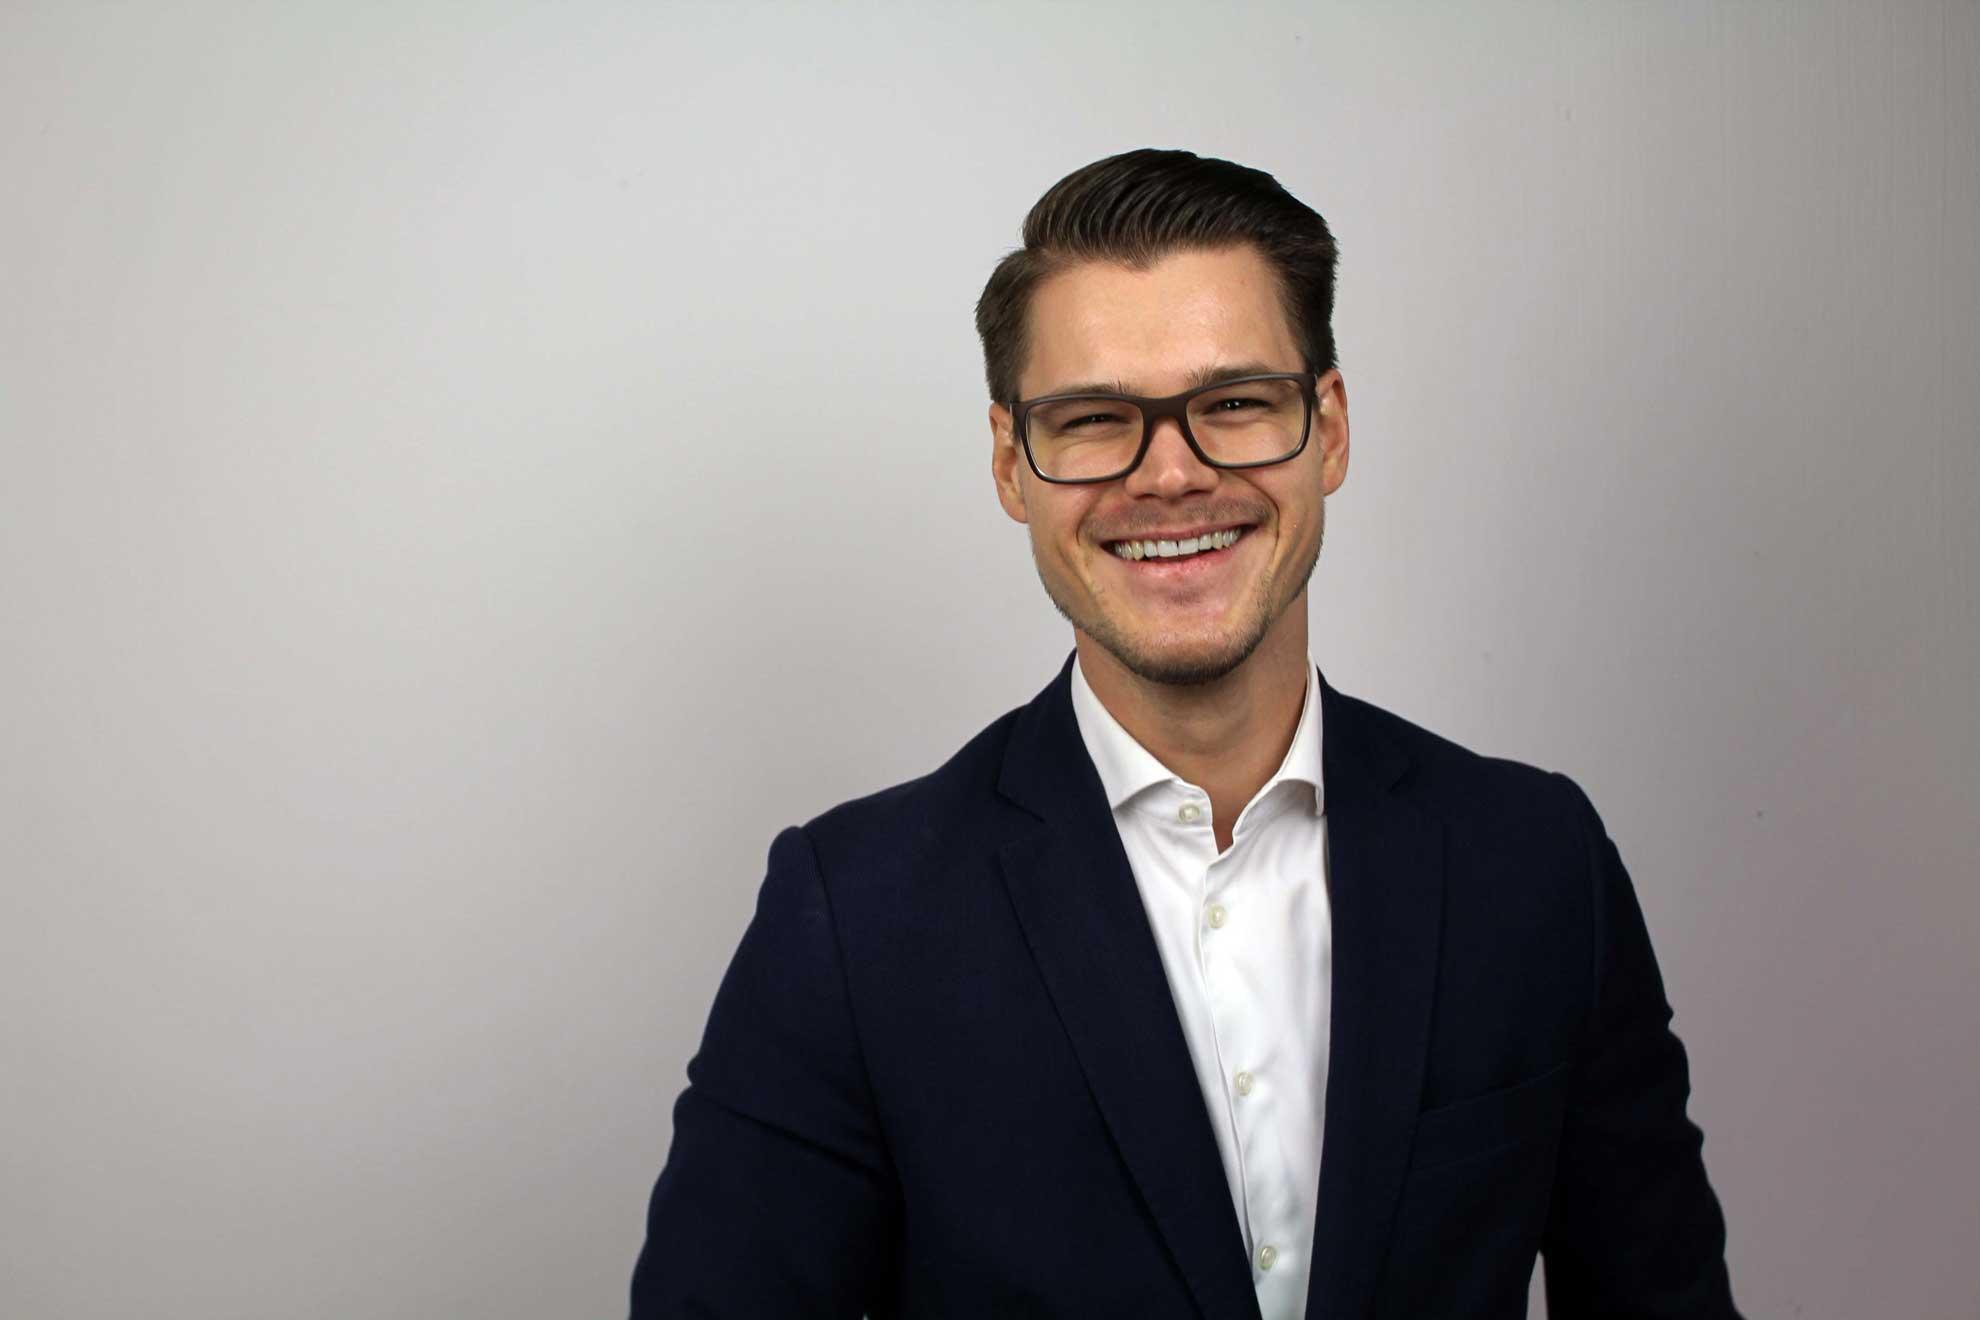 Jonas Röhricht